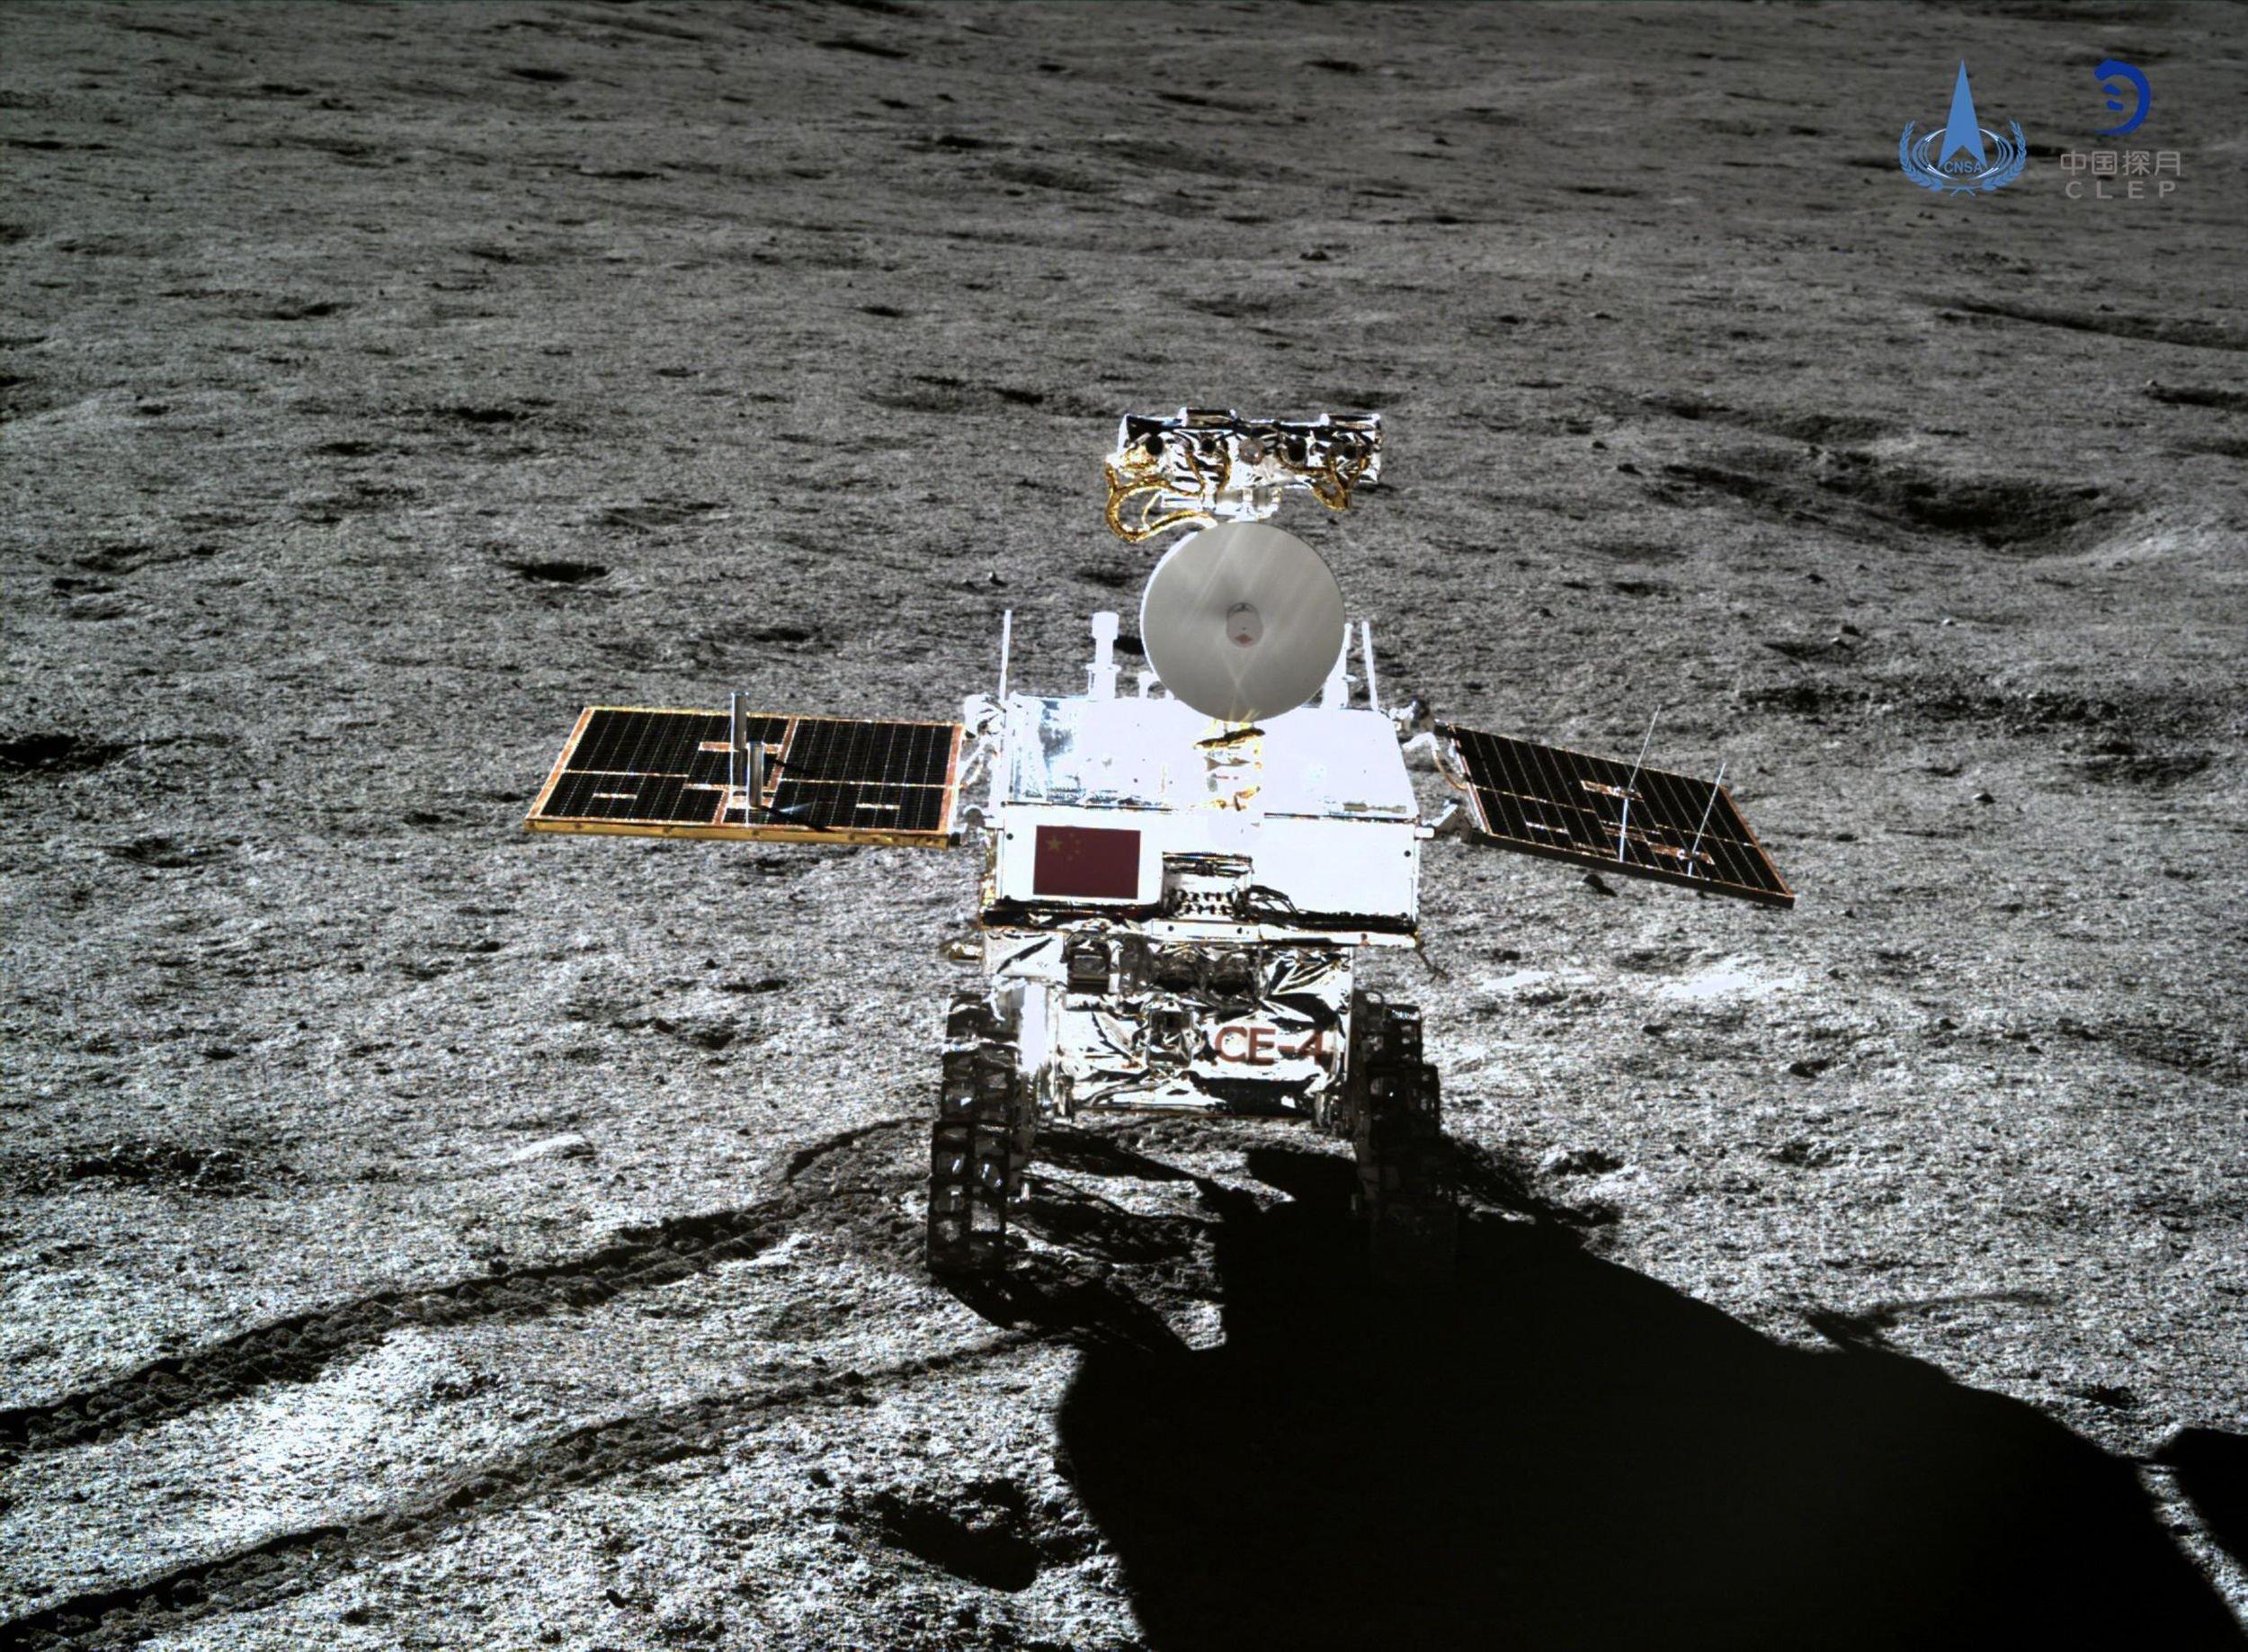 TOPSHOT-CHINA-SPACE-MOON